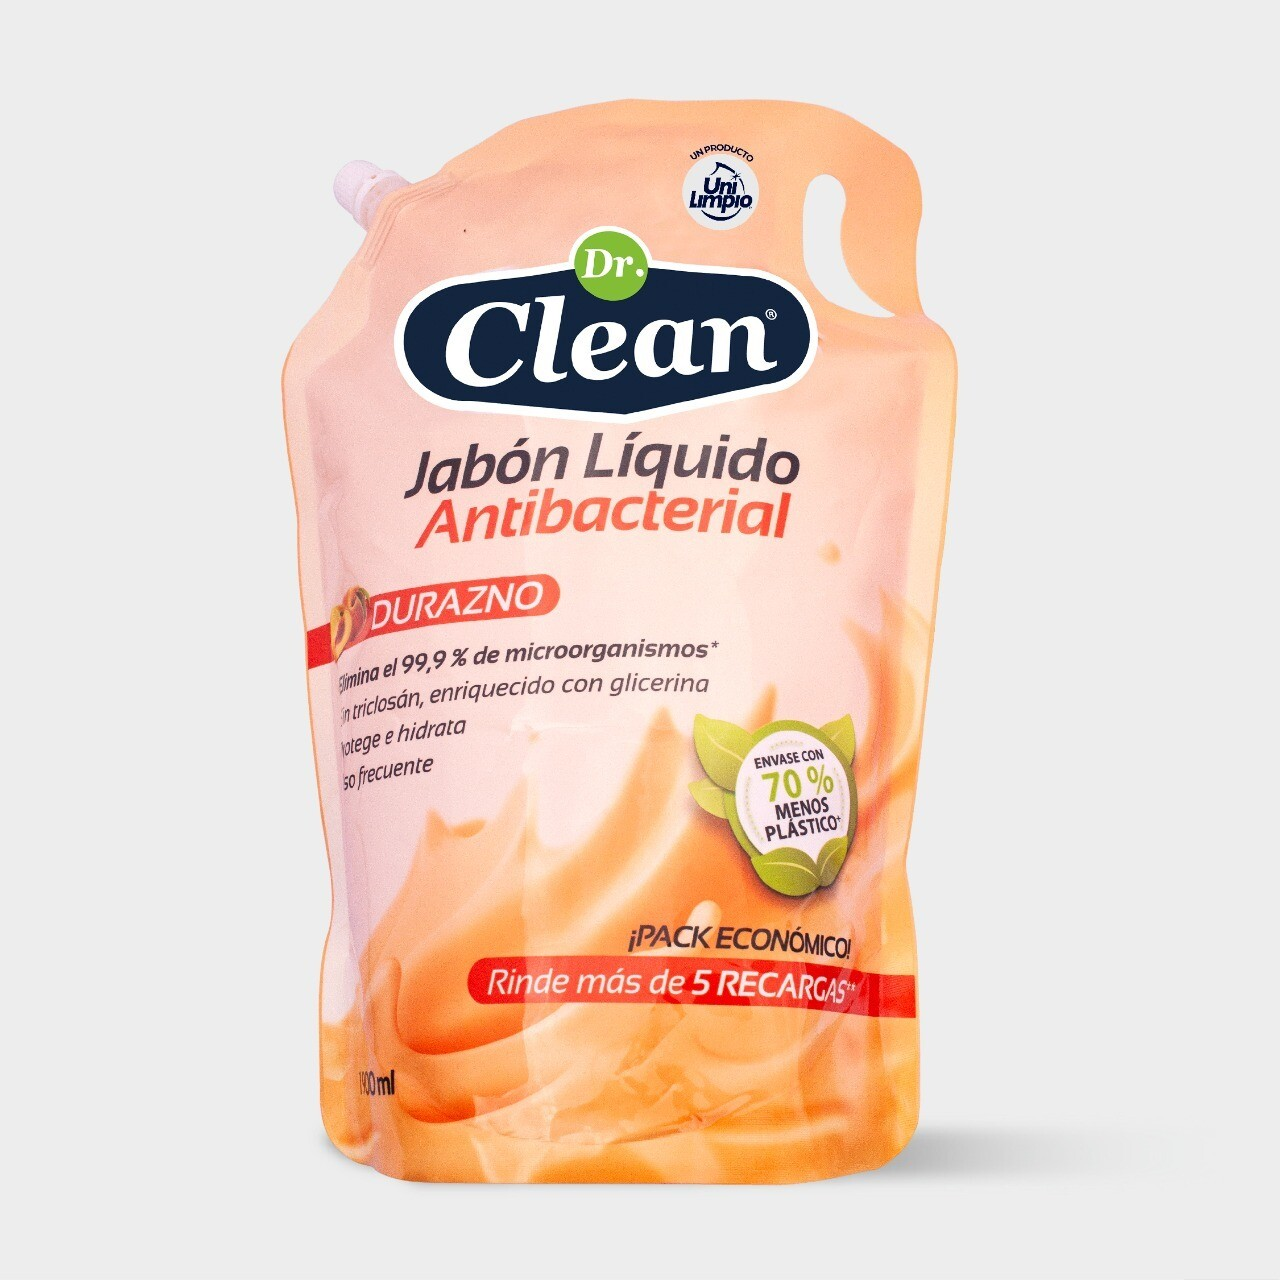 Jabón Líquido Antibacterial Dr. Clean 1900 ml + 100 ml gratis